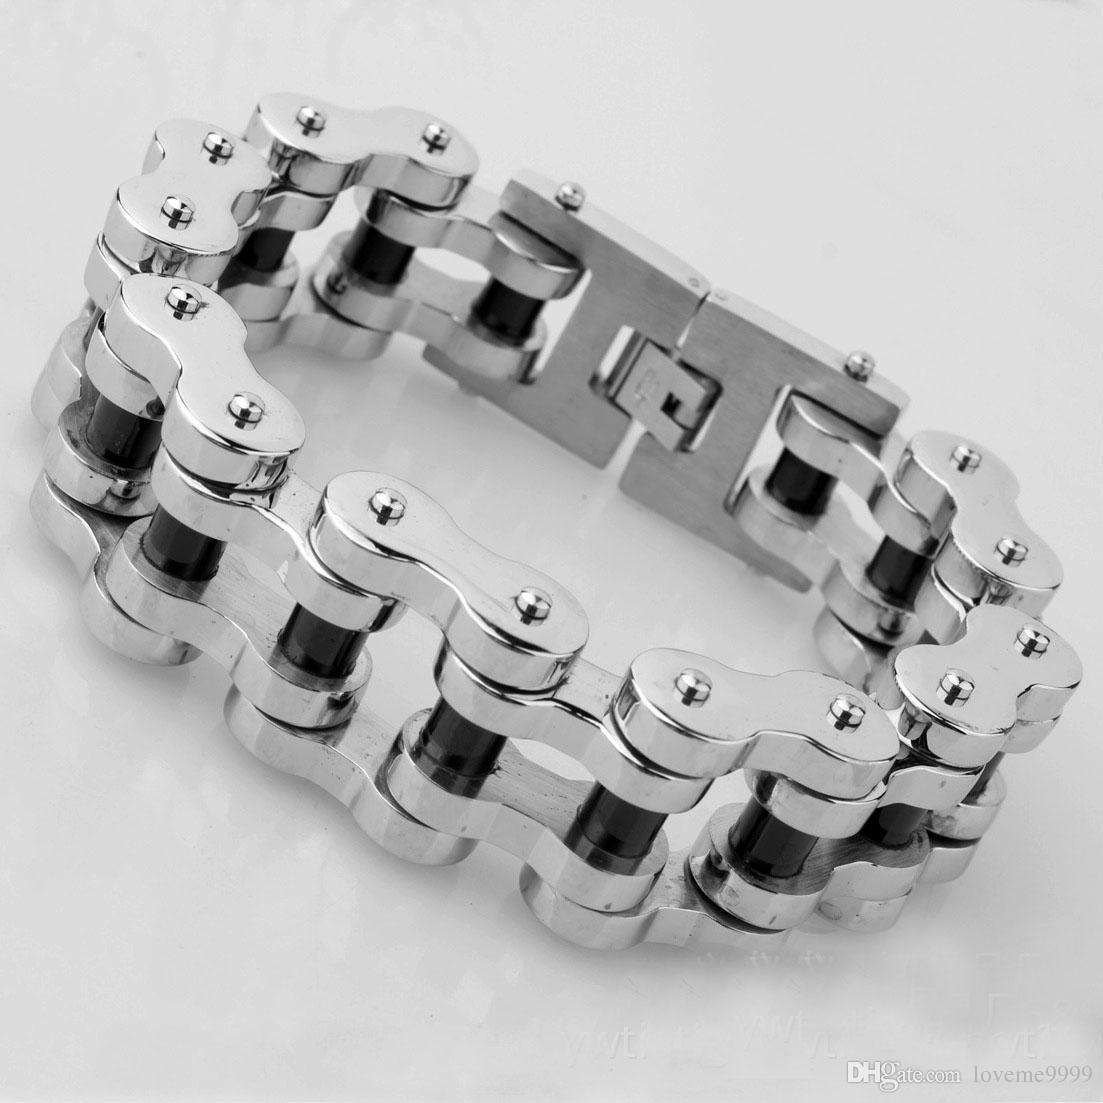 Нержавеющая сталь 316L титана 23 мм в ширину 23 см длиной Тяжелые байкерские велосипедные цепные браслеты Браслеты Полированный Brace кружева Мужчины Мото ювелирные изделия